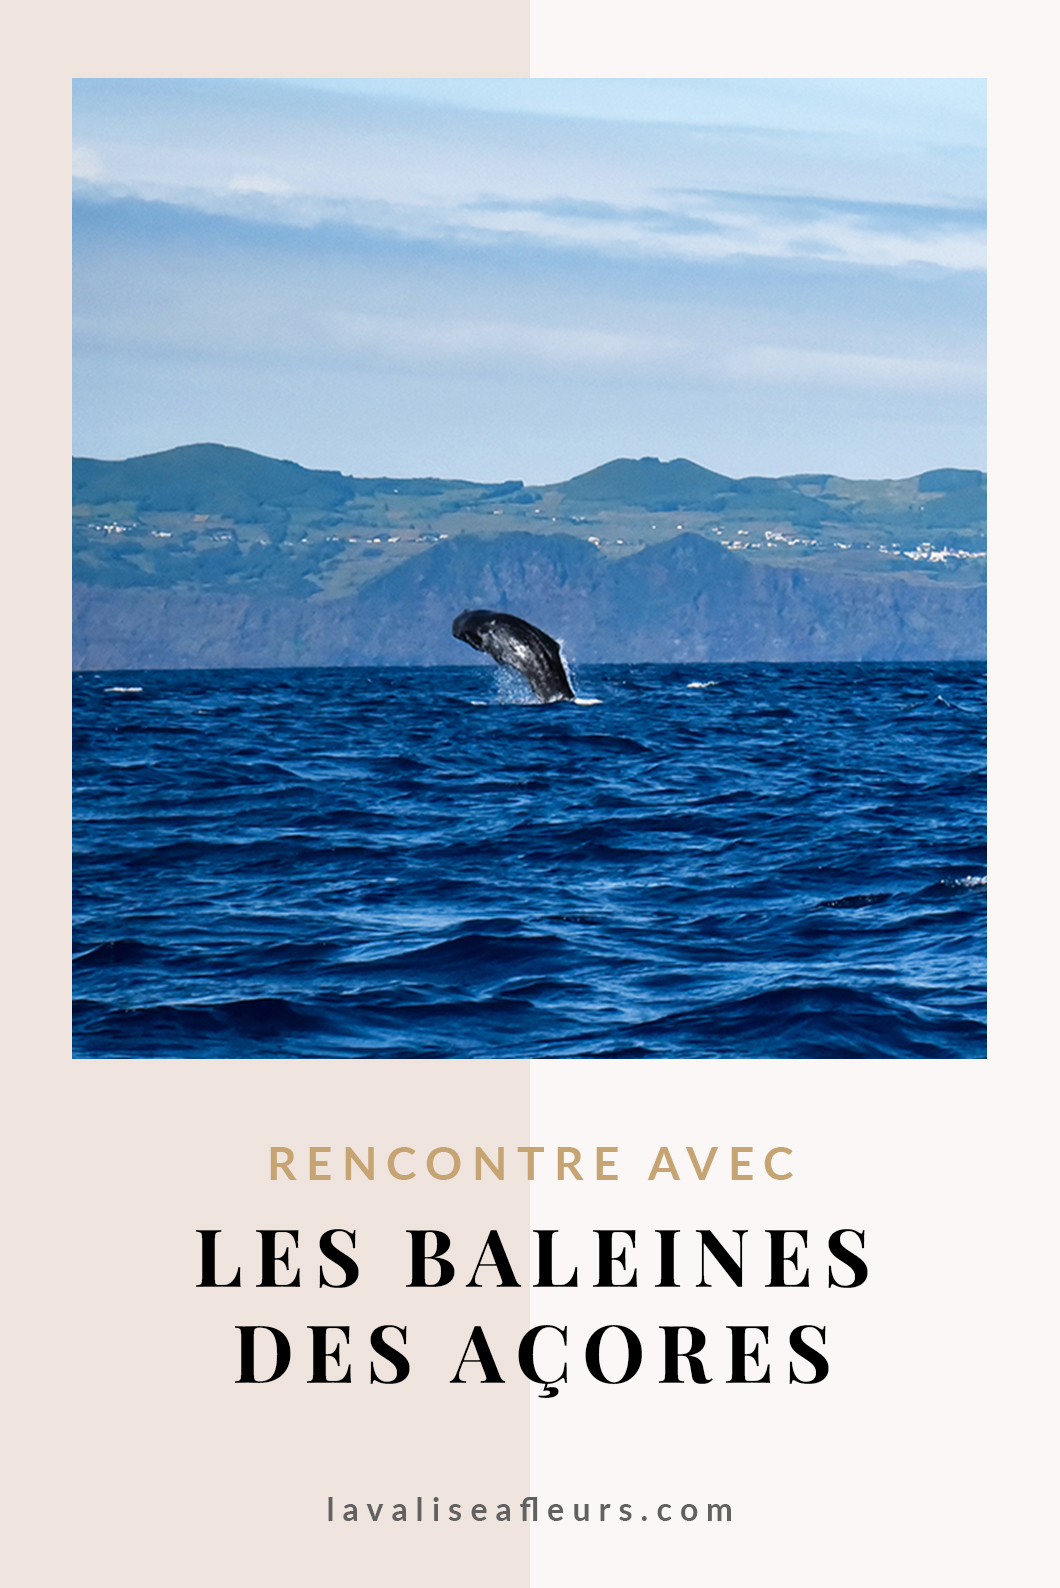 Rencontre avec les baleines dans les Açores